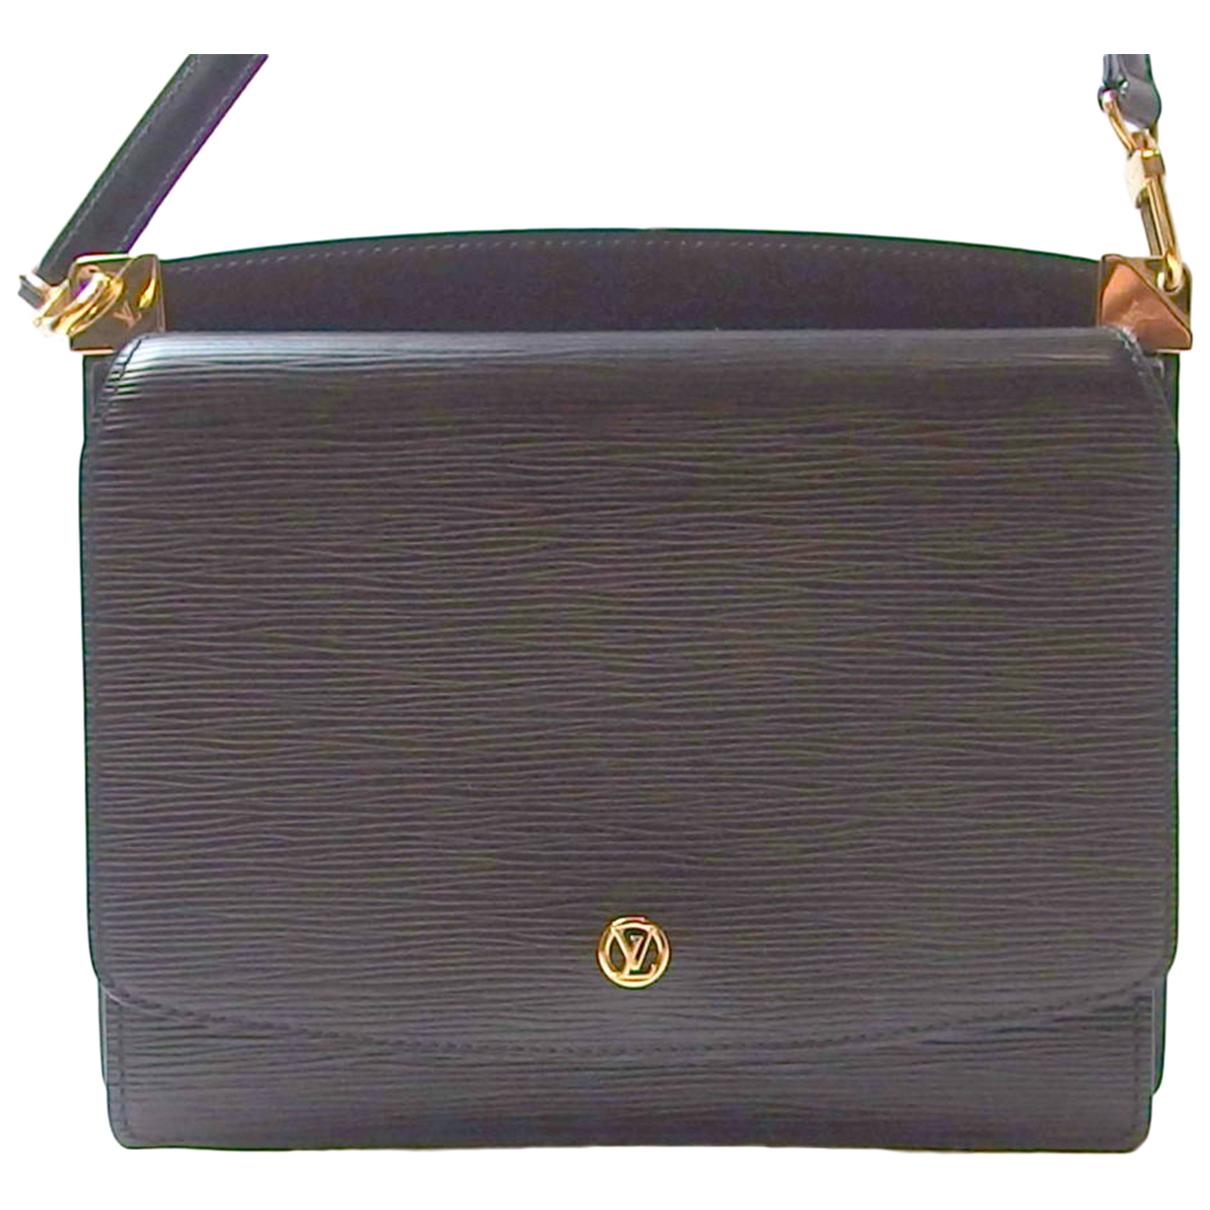 Louis Vuitton - Sac a main Grenelle pour femme en cuir - noir